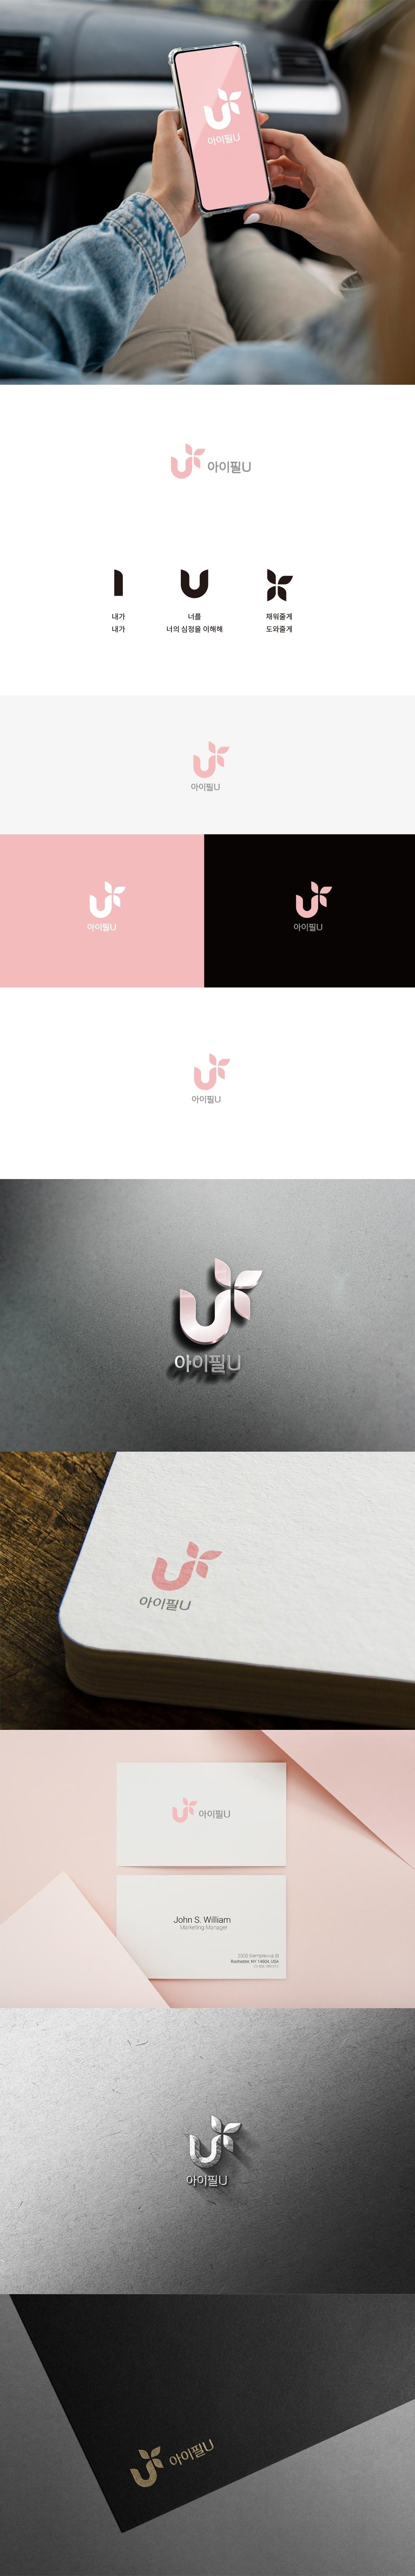 로고 디자인 | 강남역 피부과 CI(로고) 공모 | 라우드소싱 포트폴리오